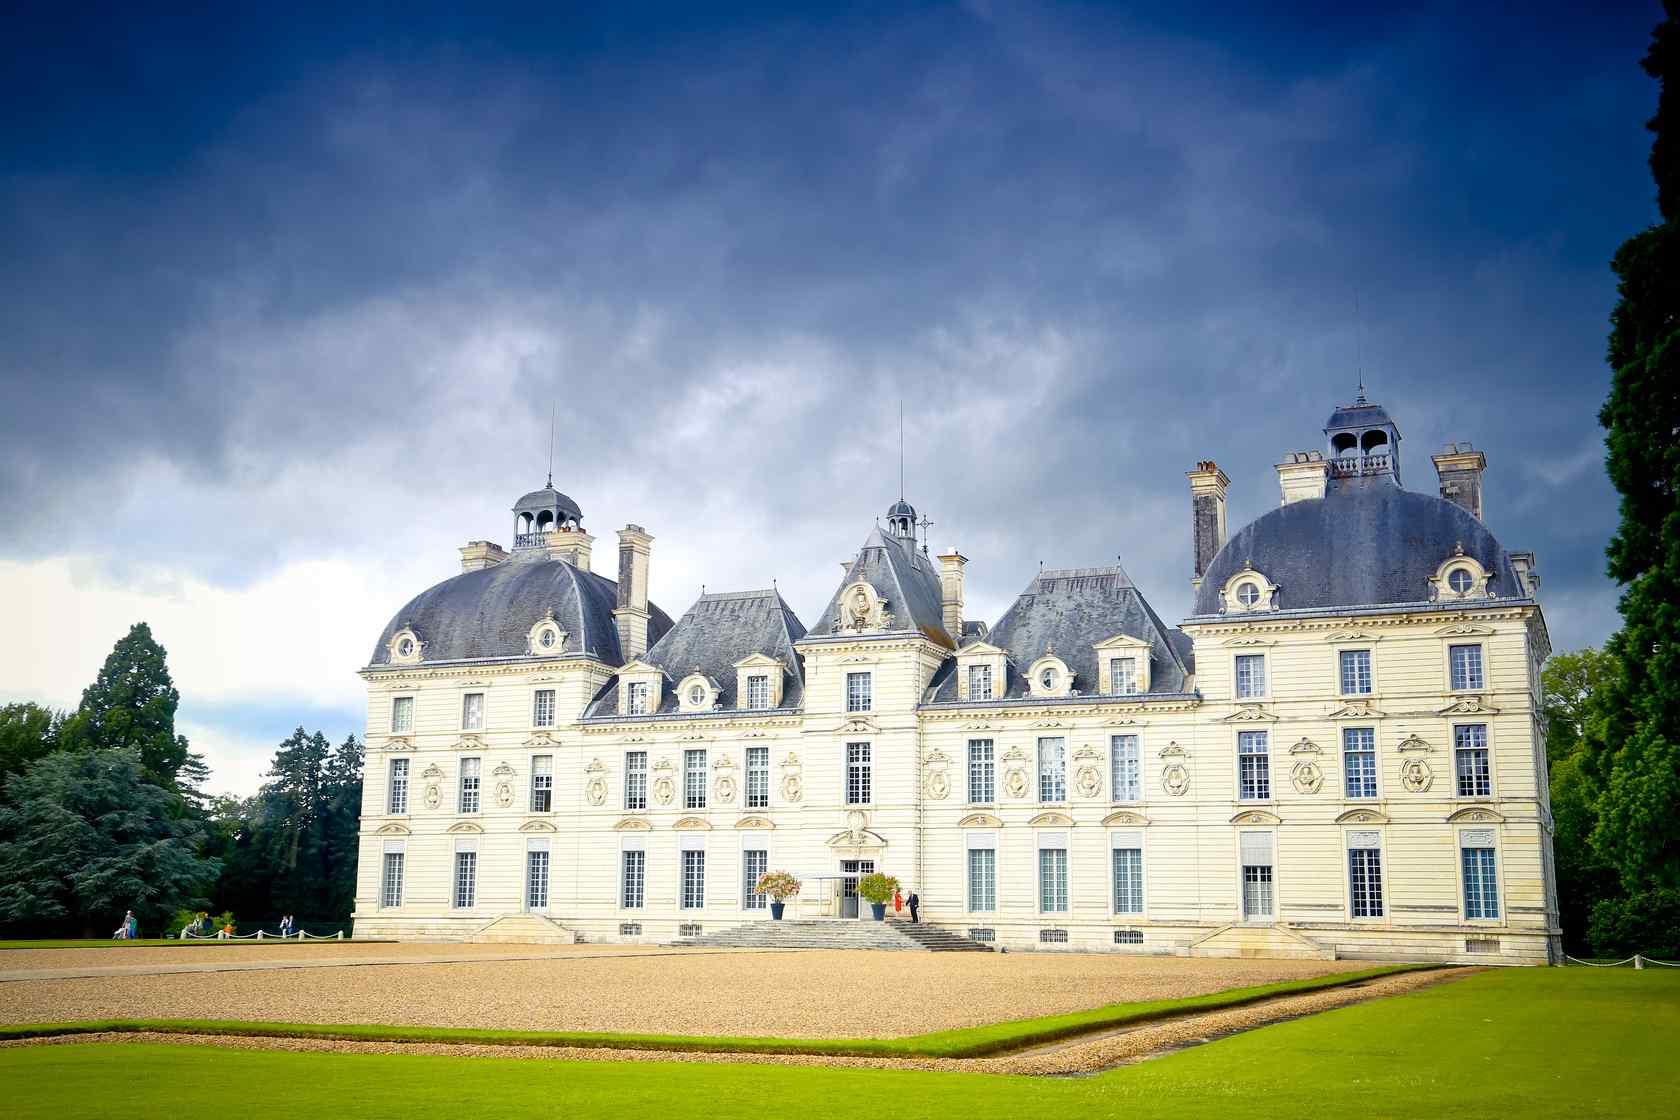 最童话的城堡之阴霾天空下的卢瓦尔河香波城堡